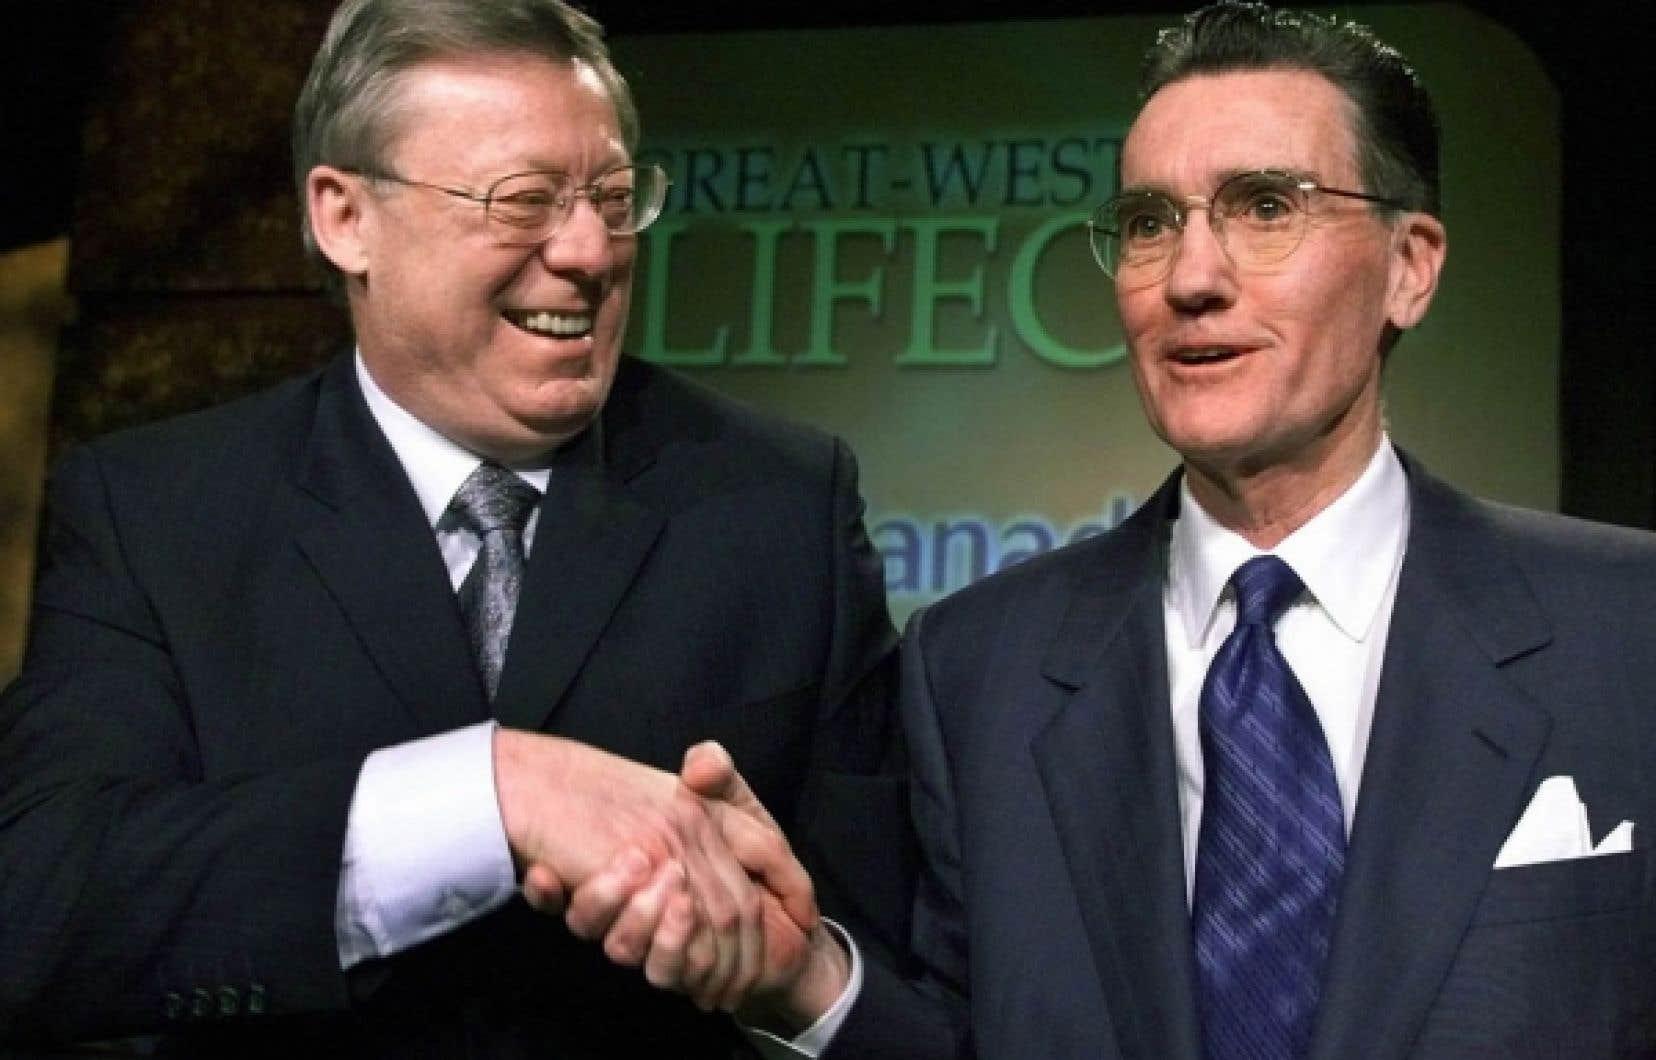 Alors que les sociétés d'assurance québécoises devenaient capables d'opérer à travers le Canada (l'Industrielle-Alliance, Assurance Vie Desjardins et la SSQ), la Financière Power consolidait Great West Life, acquise en 1969, en achetant London Life en 1997 puis Canada Life en 2003 (notre photo).<br />